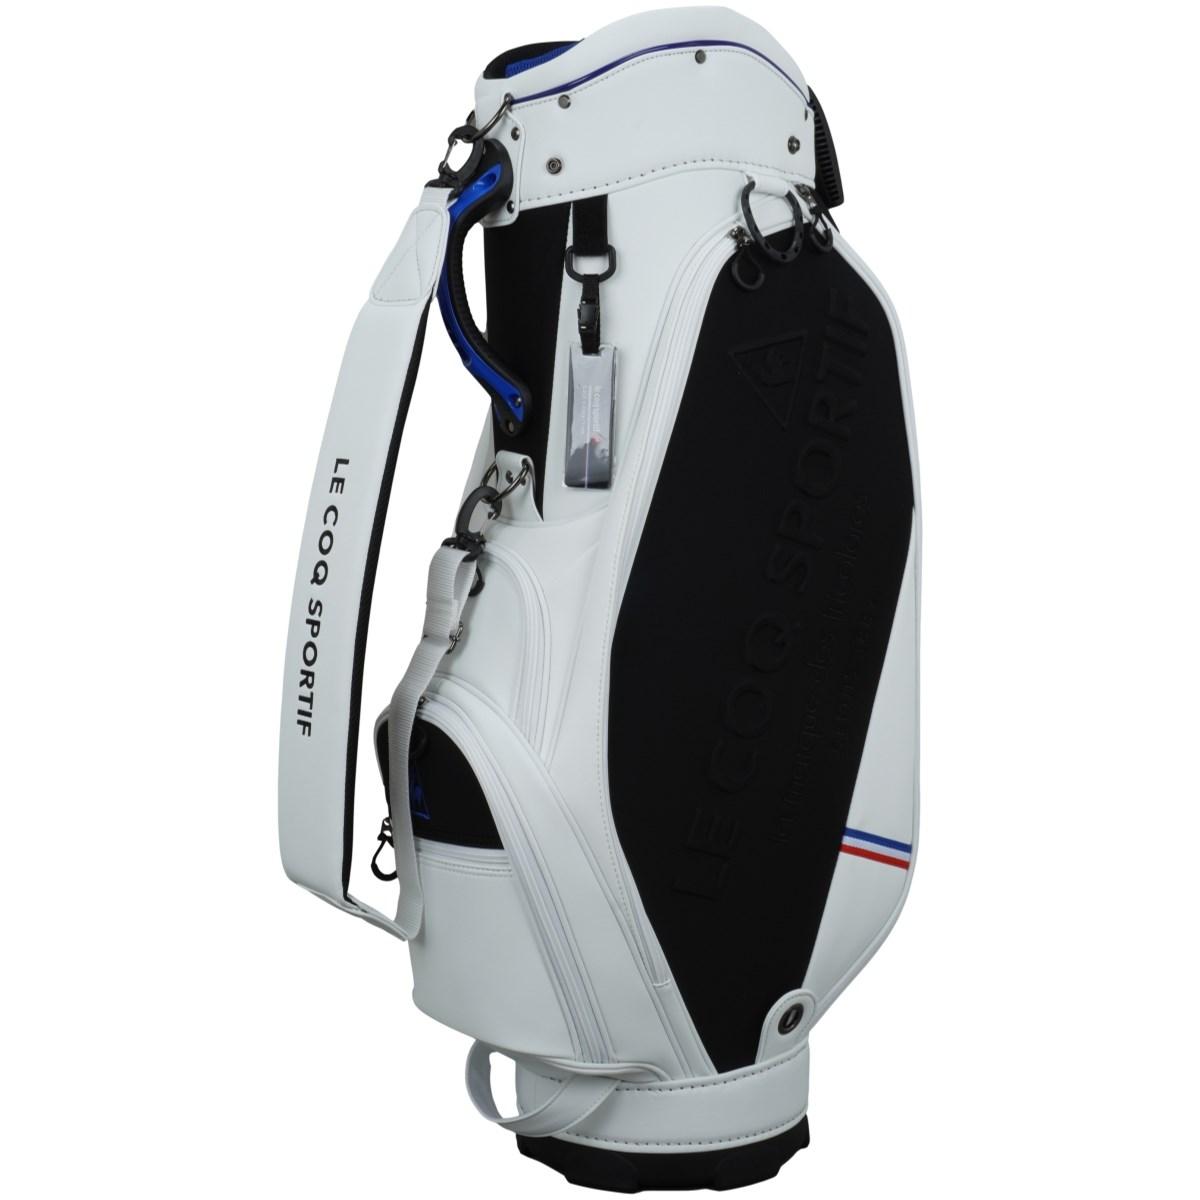 ルコックゴルフ Le coq sportif GOLF スタンドクラブケース付きキャディバッグ ホワイト 00